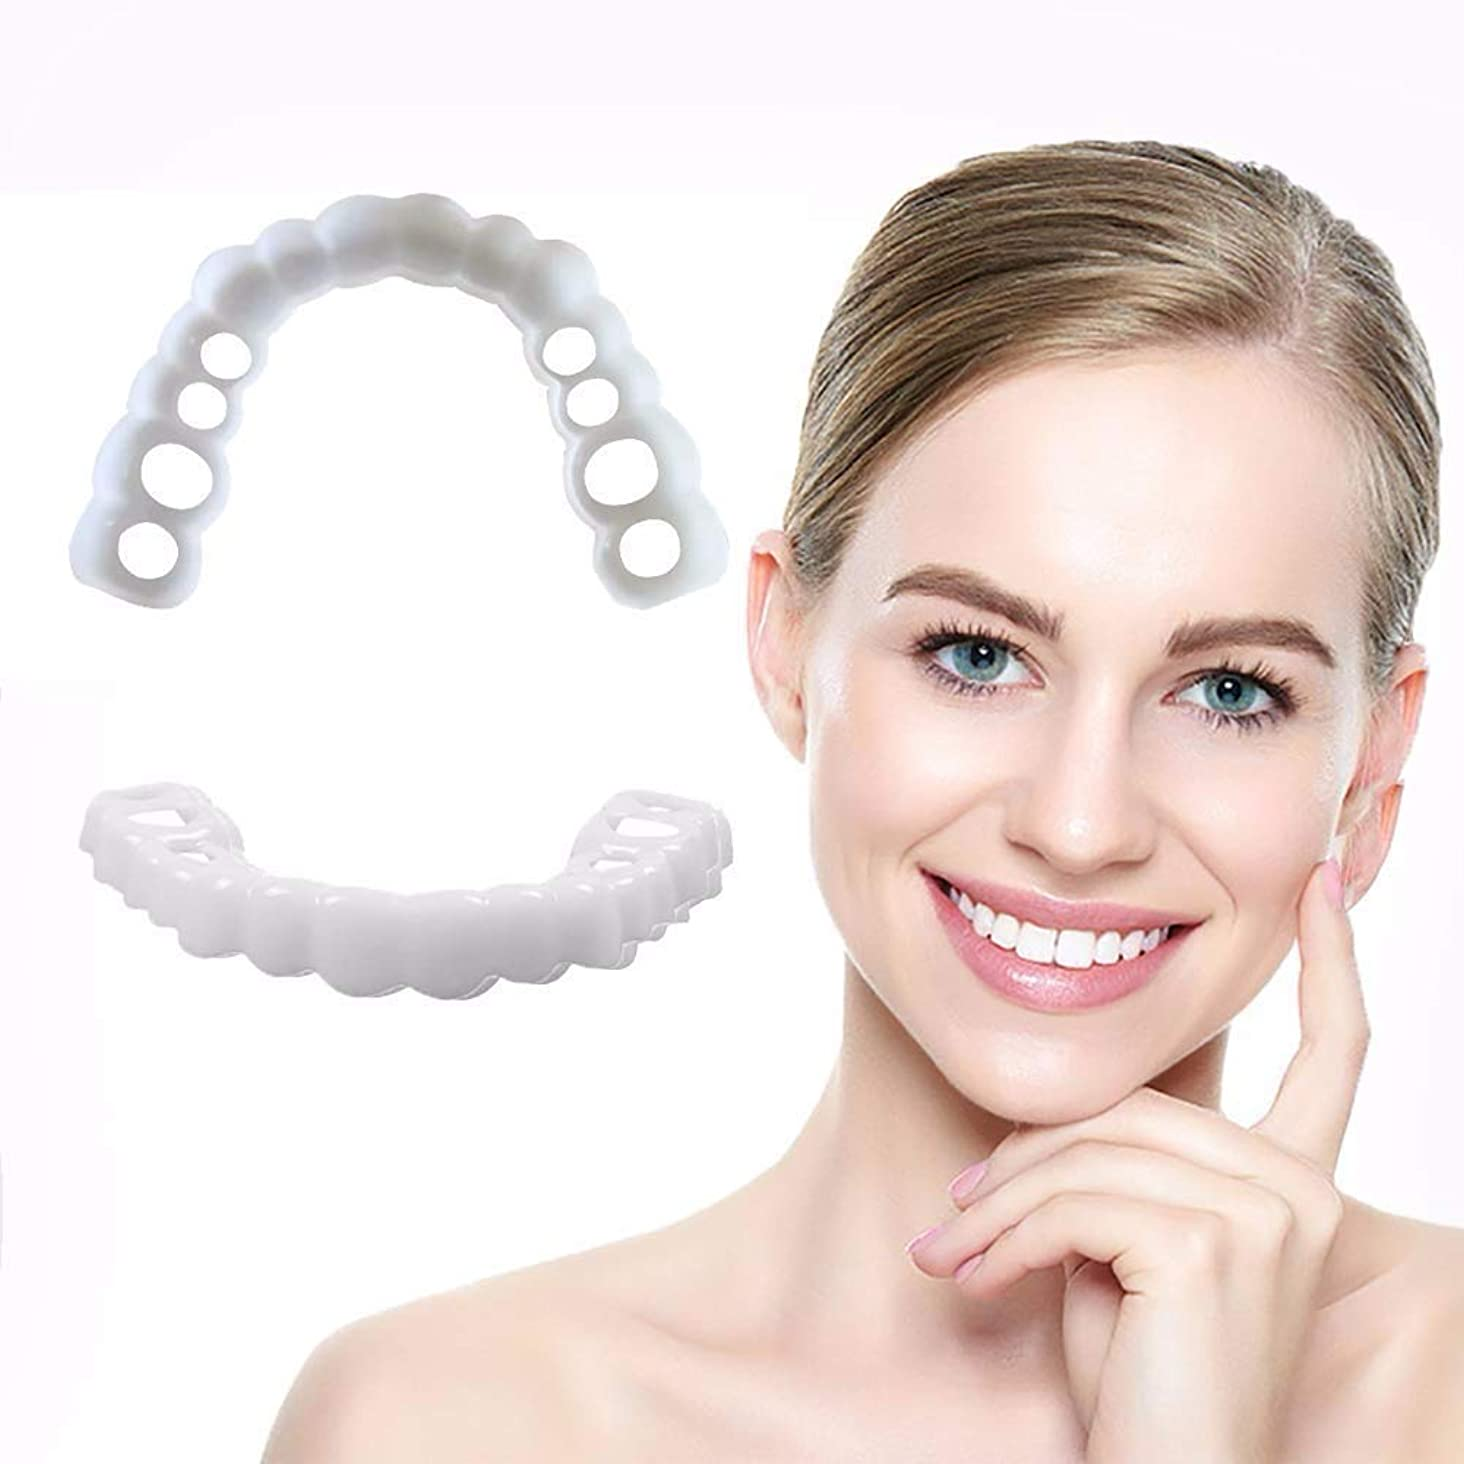 フィードオン協会ペデスタル2組の完全な微笑のベニヤ義歯の歯の化粧品のステッカーは分以内に家であなたの微笑を修理します